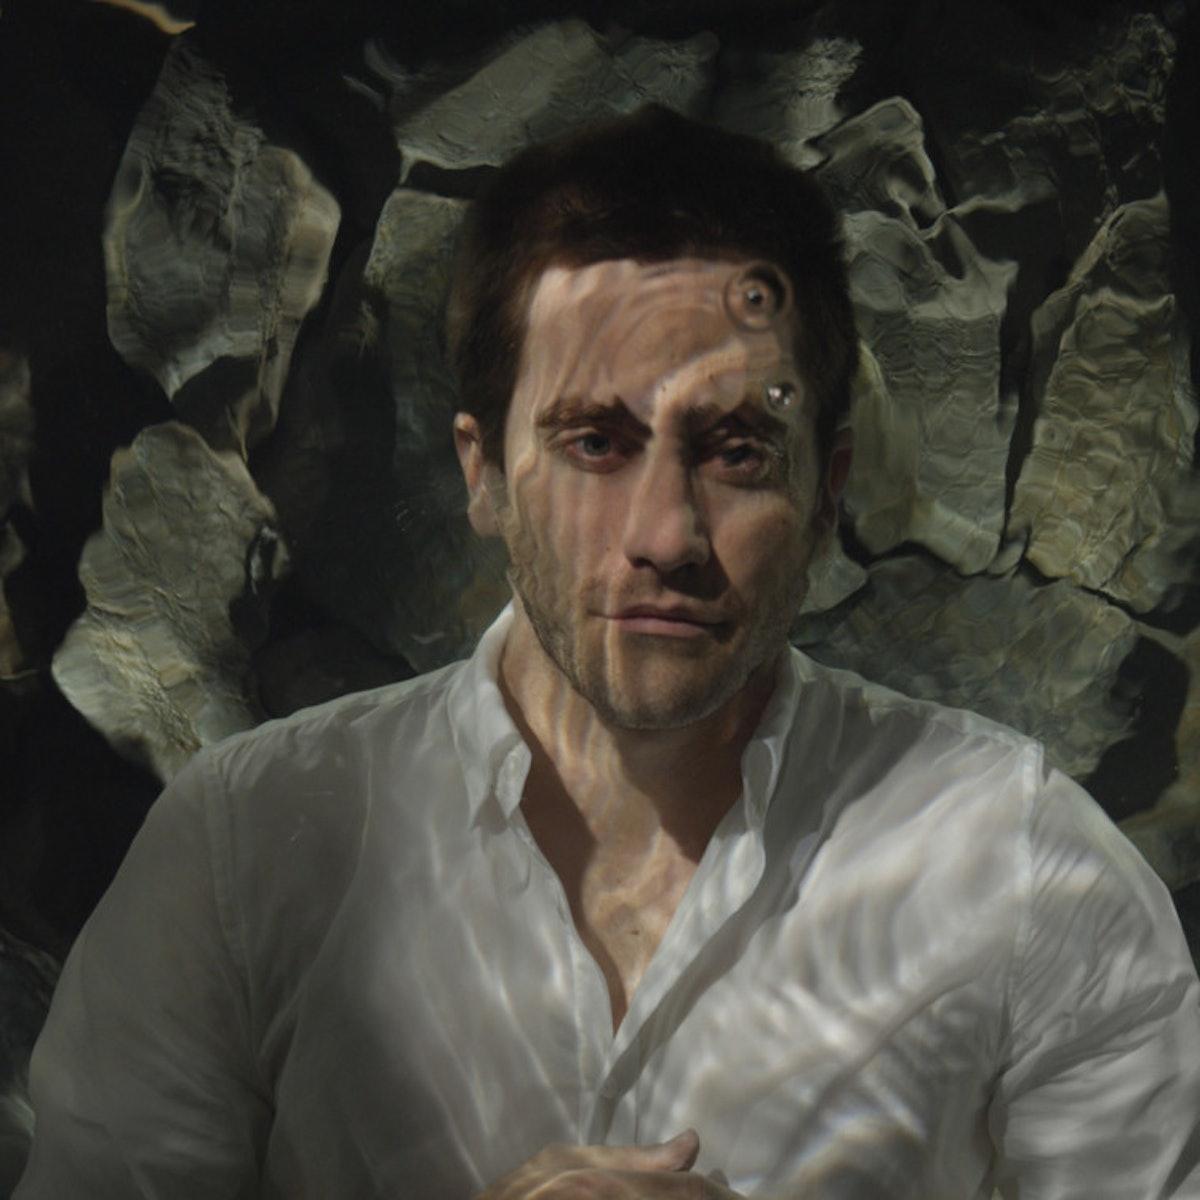 jake-gyllenhaal-bill-viola-1-760x760.jpg